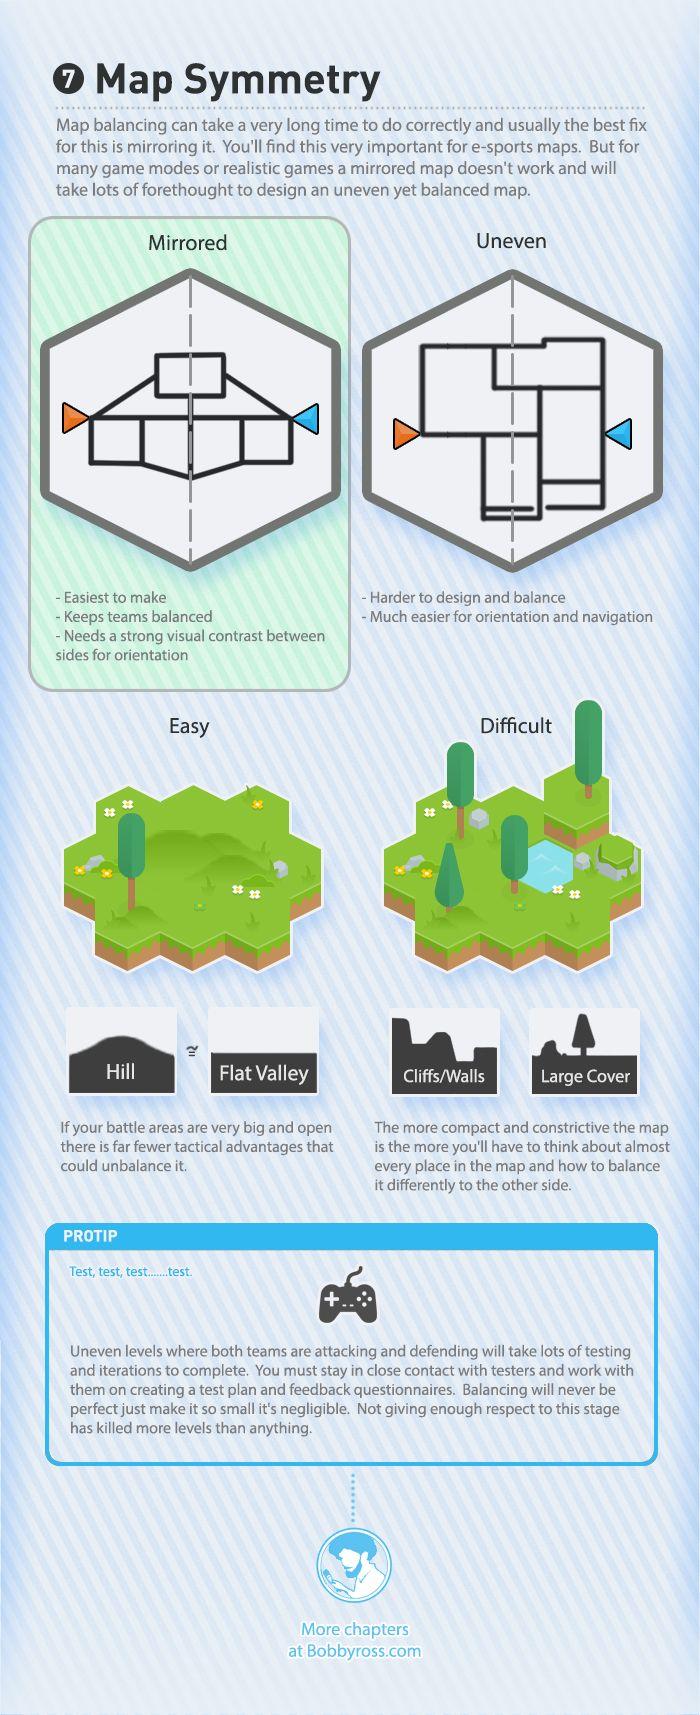 The Visual Guide for Multiplayer Level Design, Bobby Ross. Chapter 7: Map Symmetry.   http://bobbyross.com/blog/2014/6/29/the-visual-guide-for-multiplayer-level-design